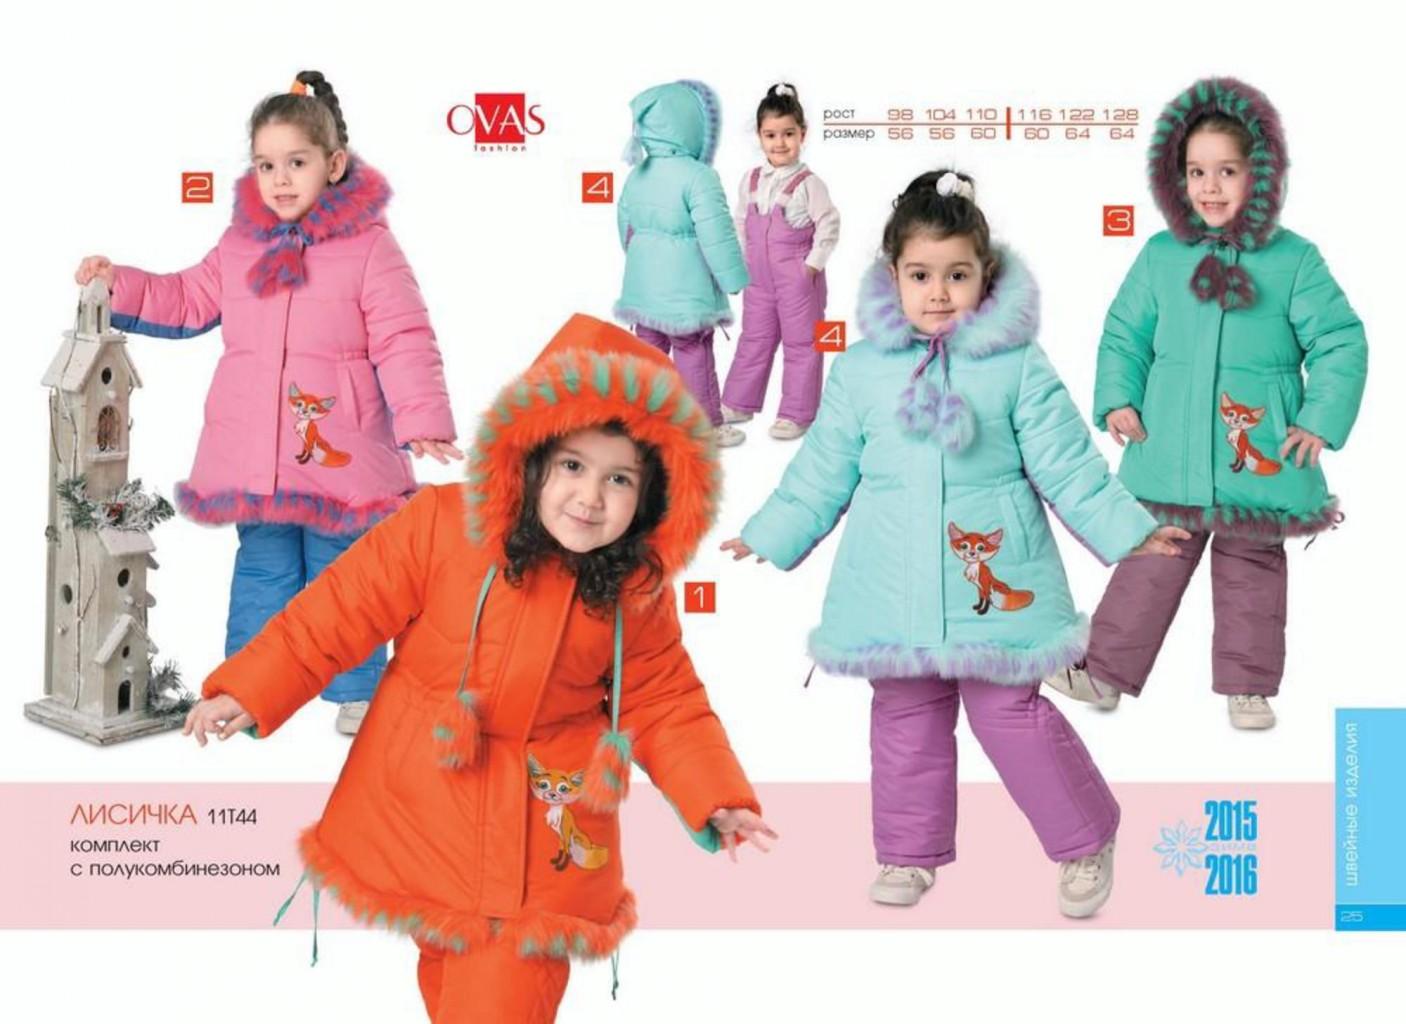 Сбор заказов. Современная, модная детская одежда Овас-20, а также спортивные костюмы, джинсы. Весна 2015г. Зима 2016г